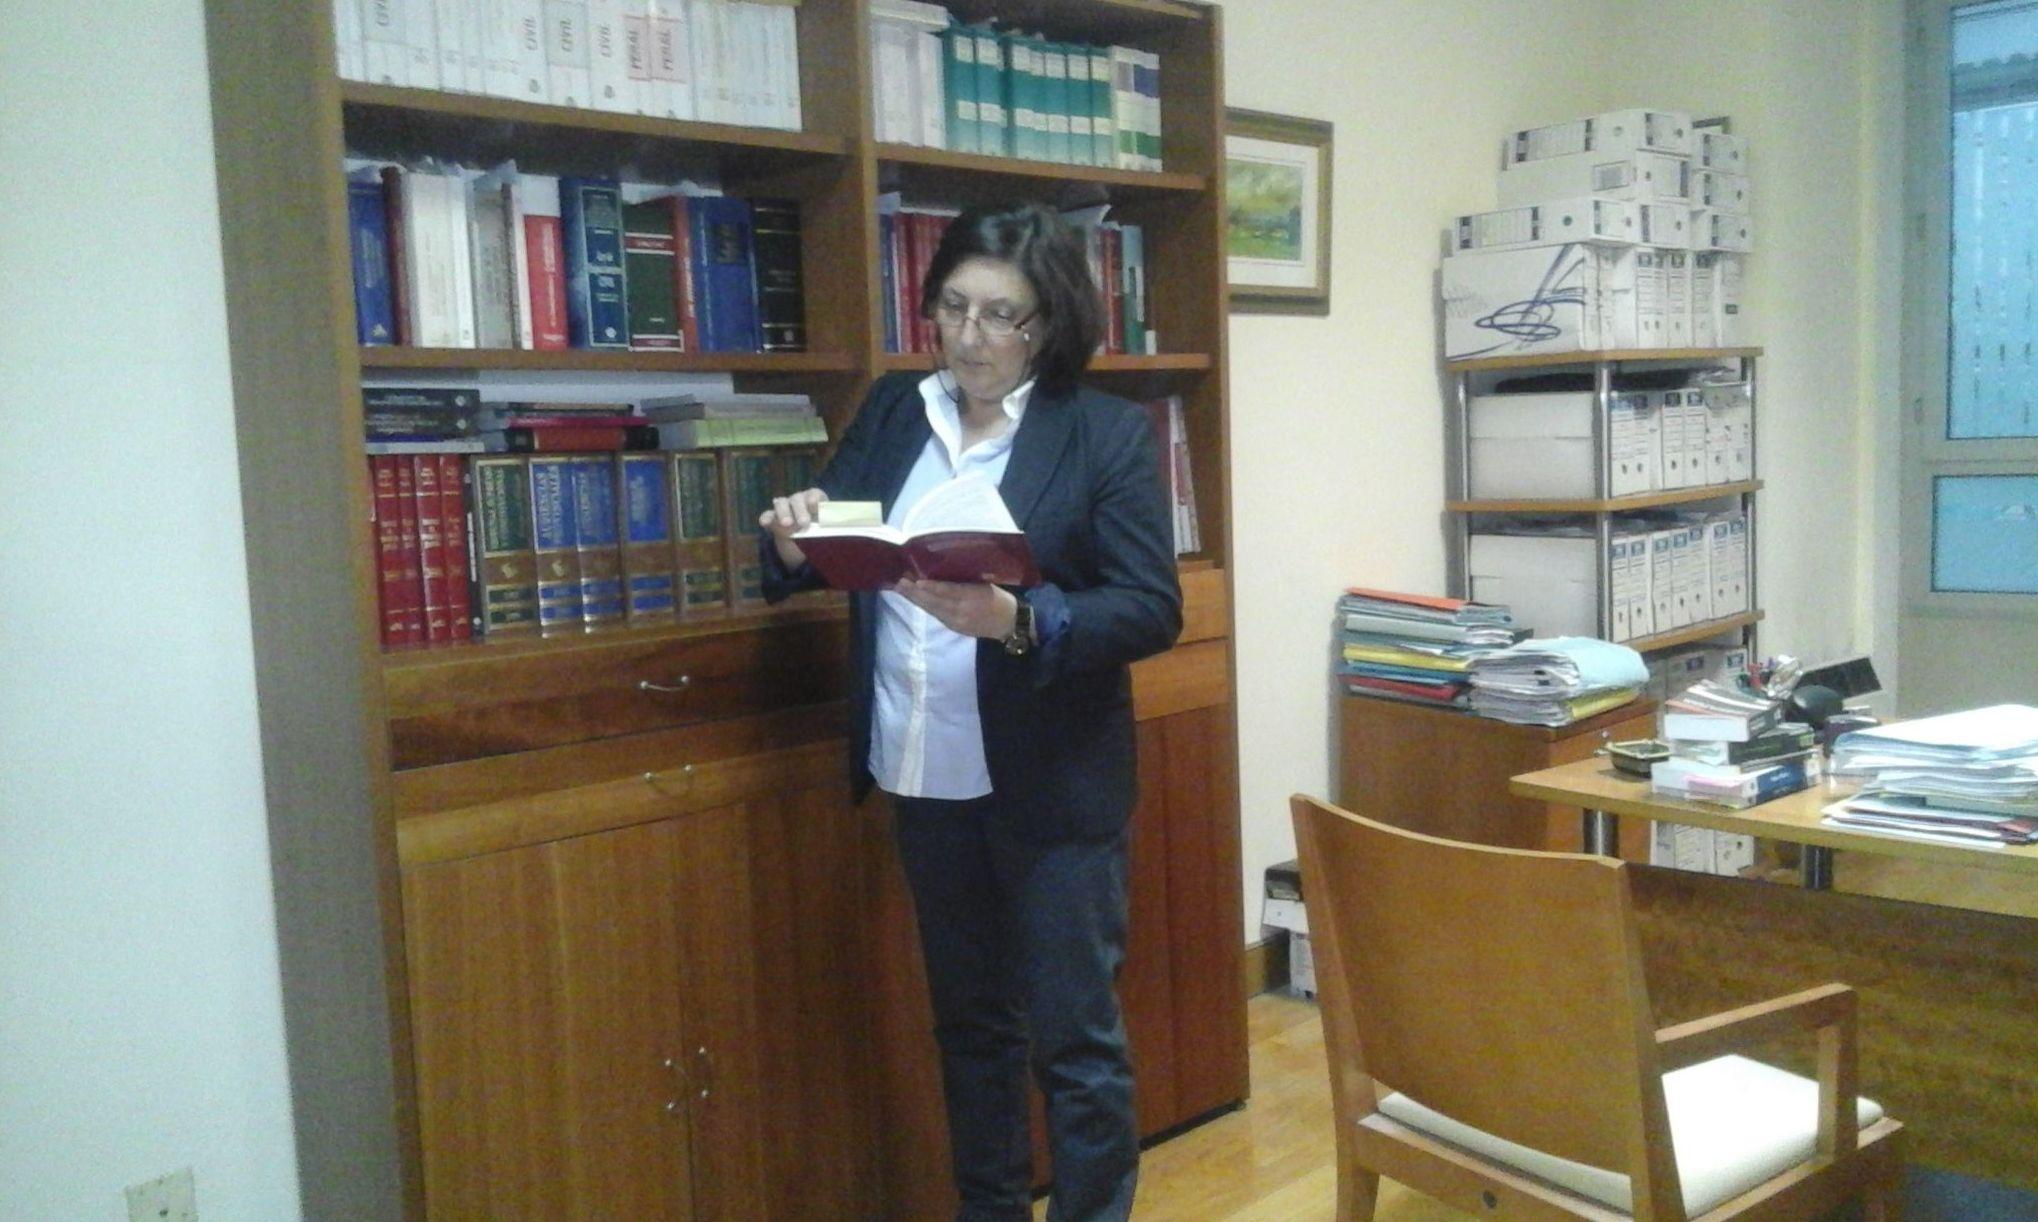 Foto 2 de Abogados en Donostia | Despacho de Abogados Charo Díaz García